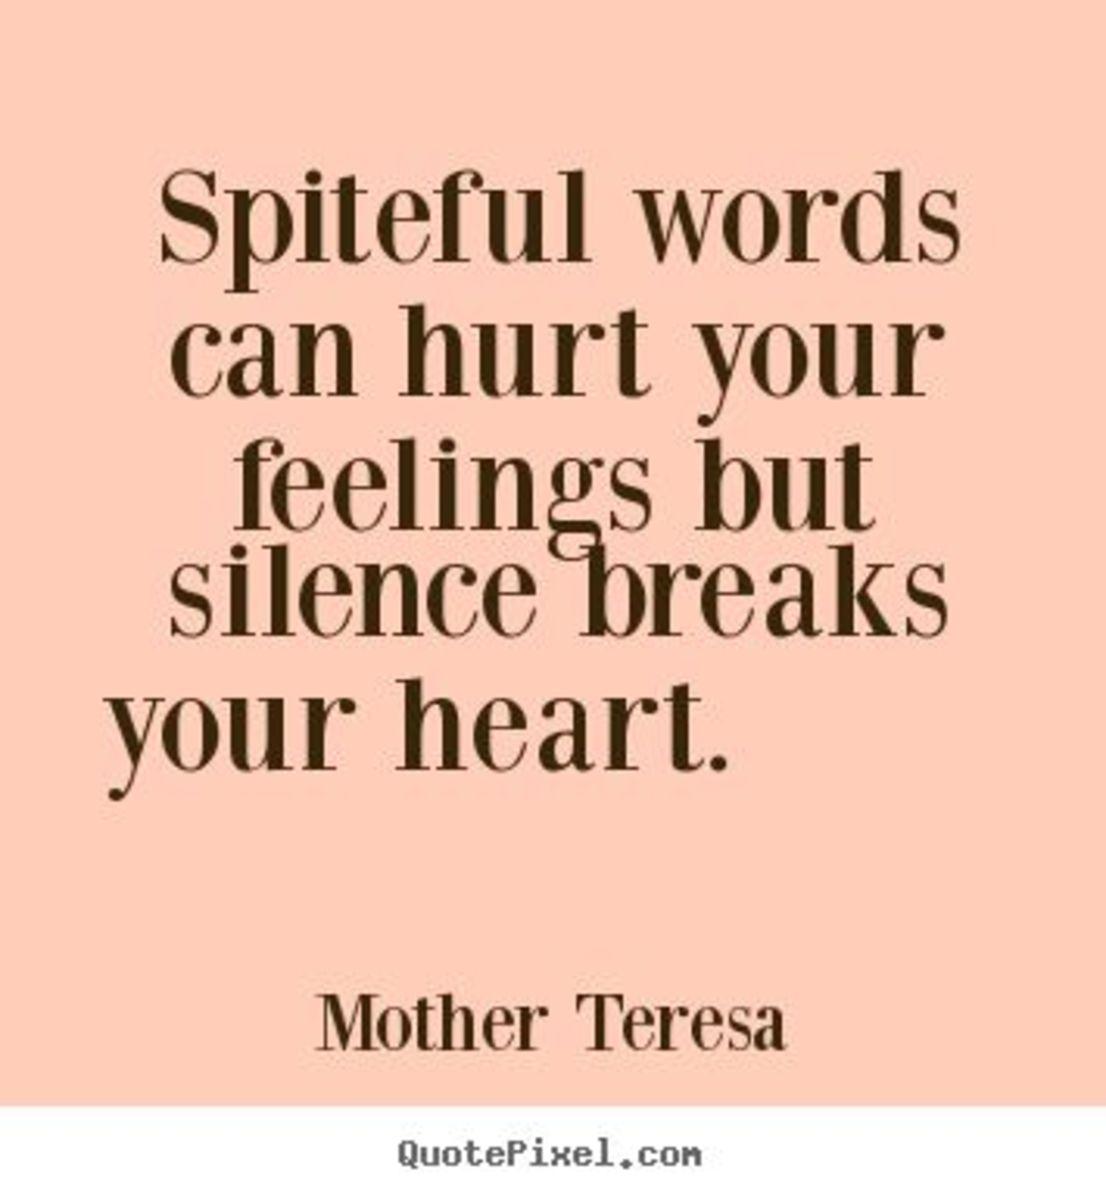 poem-silence-a-gift-or-devastation